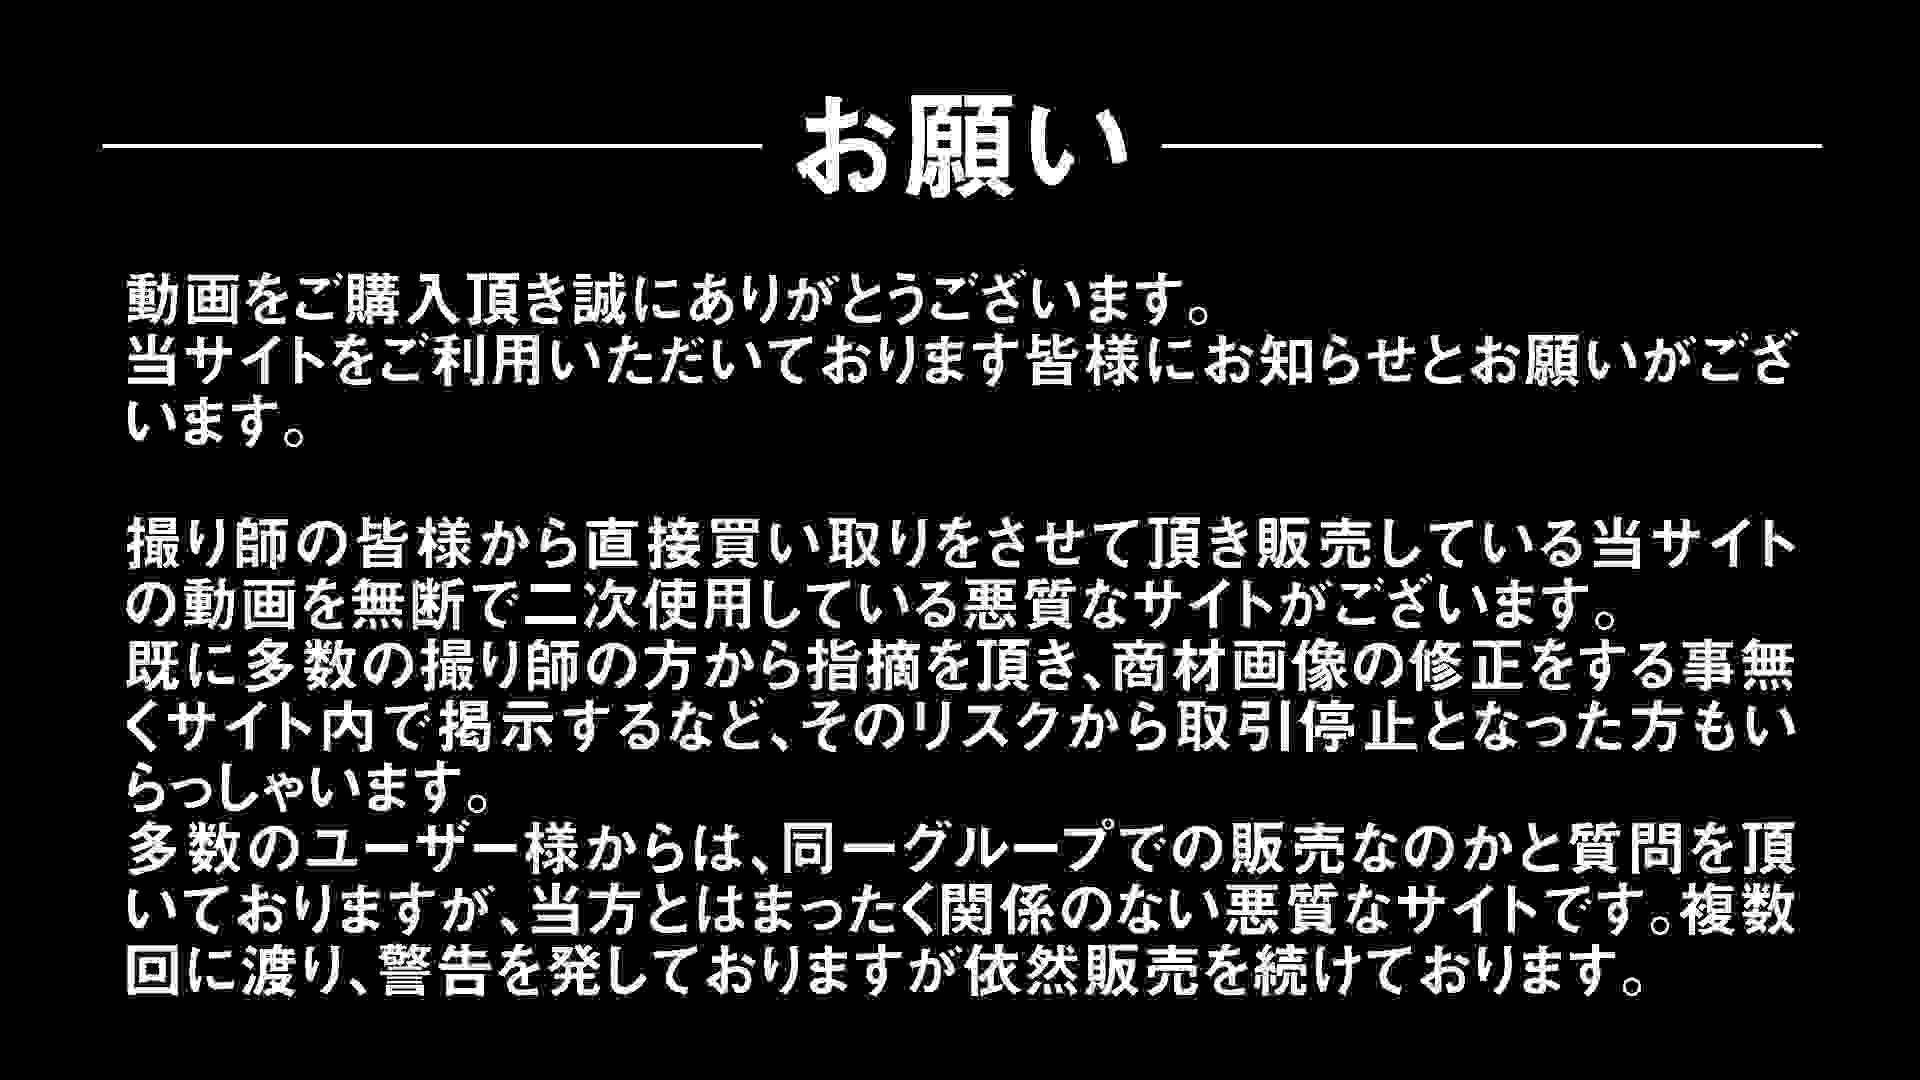 Aquaな露天風呂Vol.297 女体盗撮  91連発 27